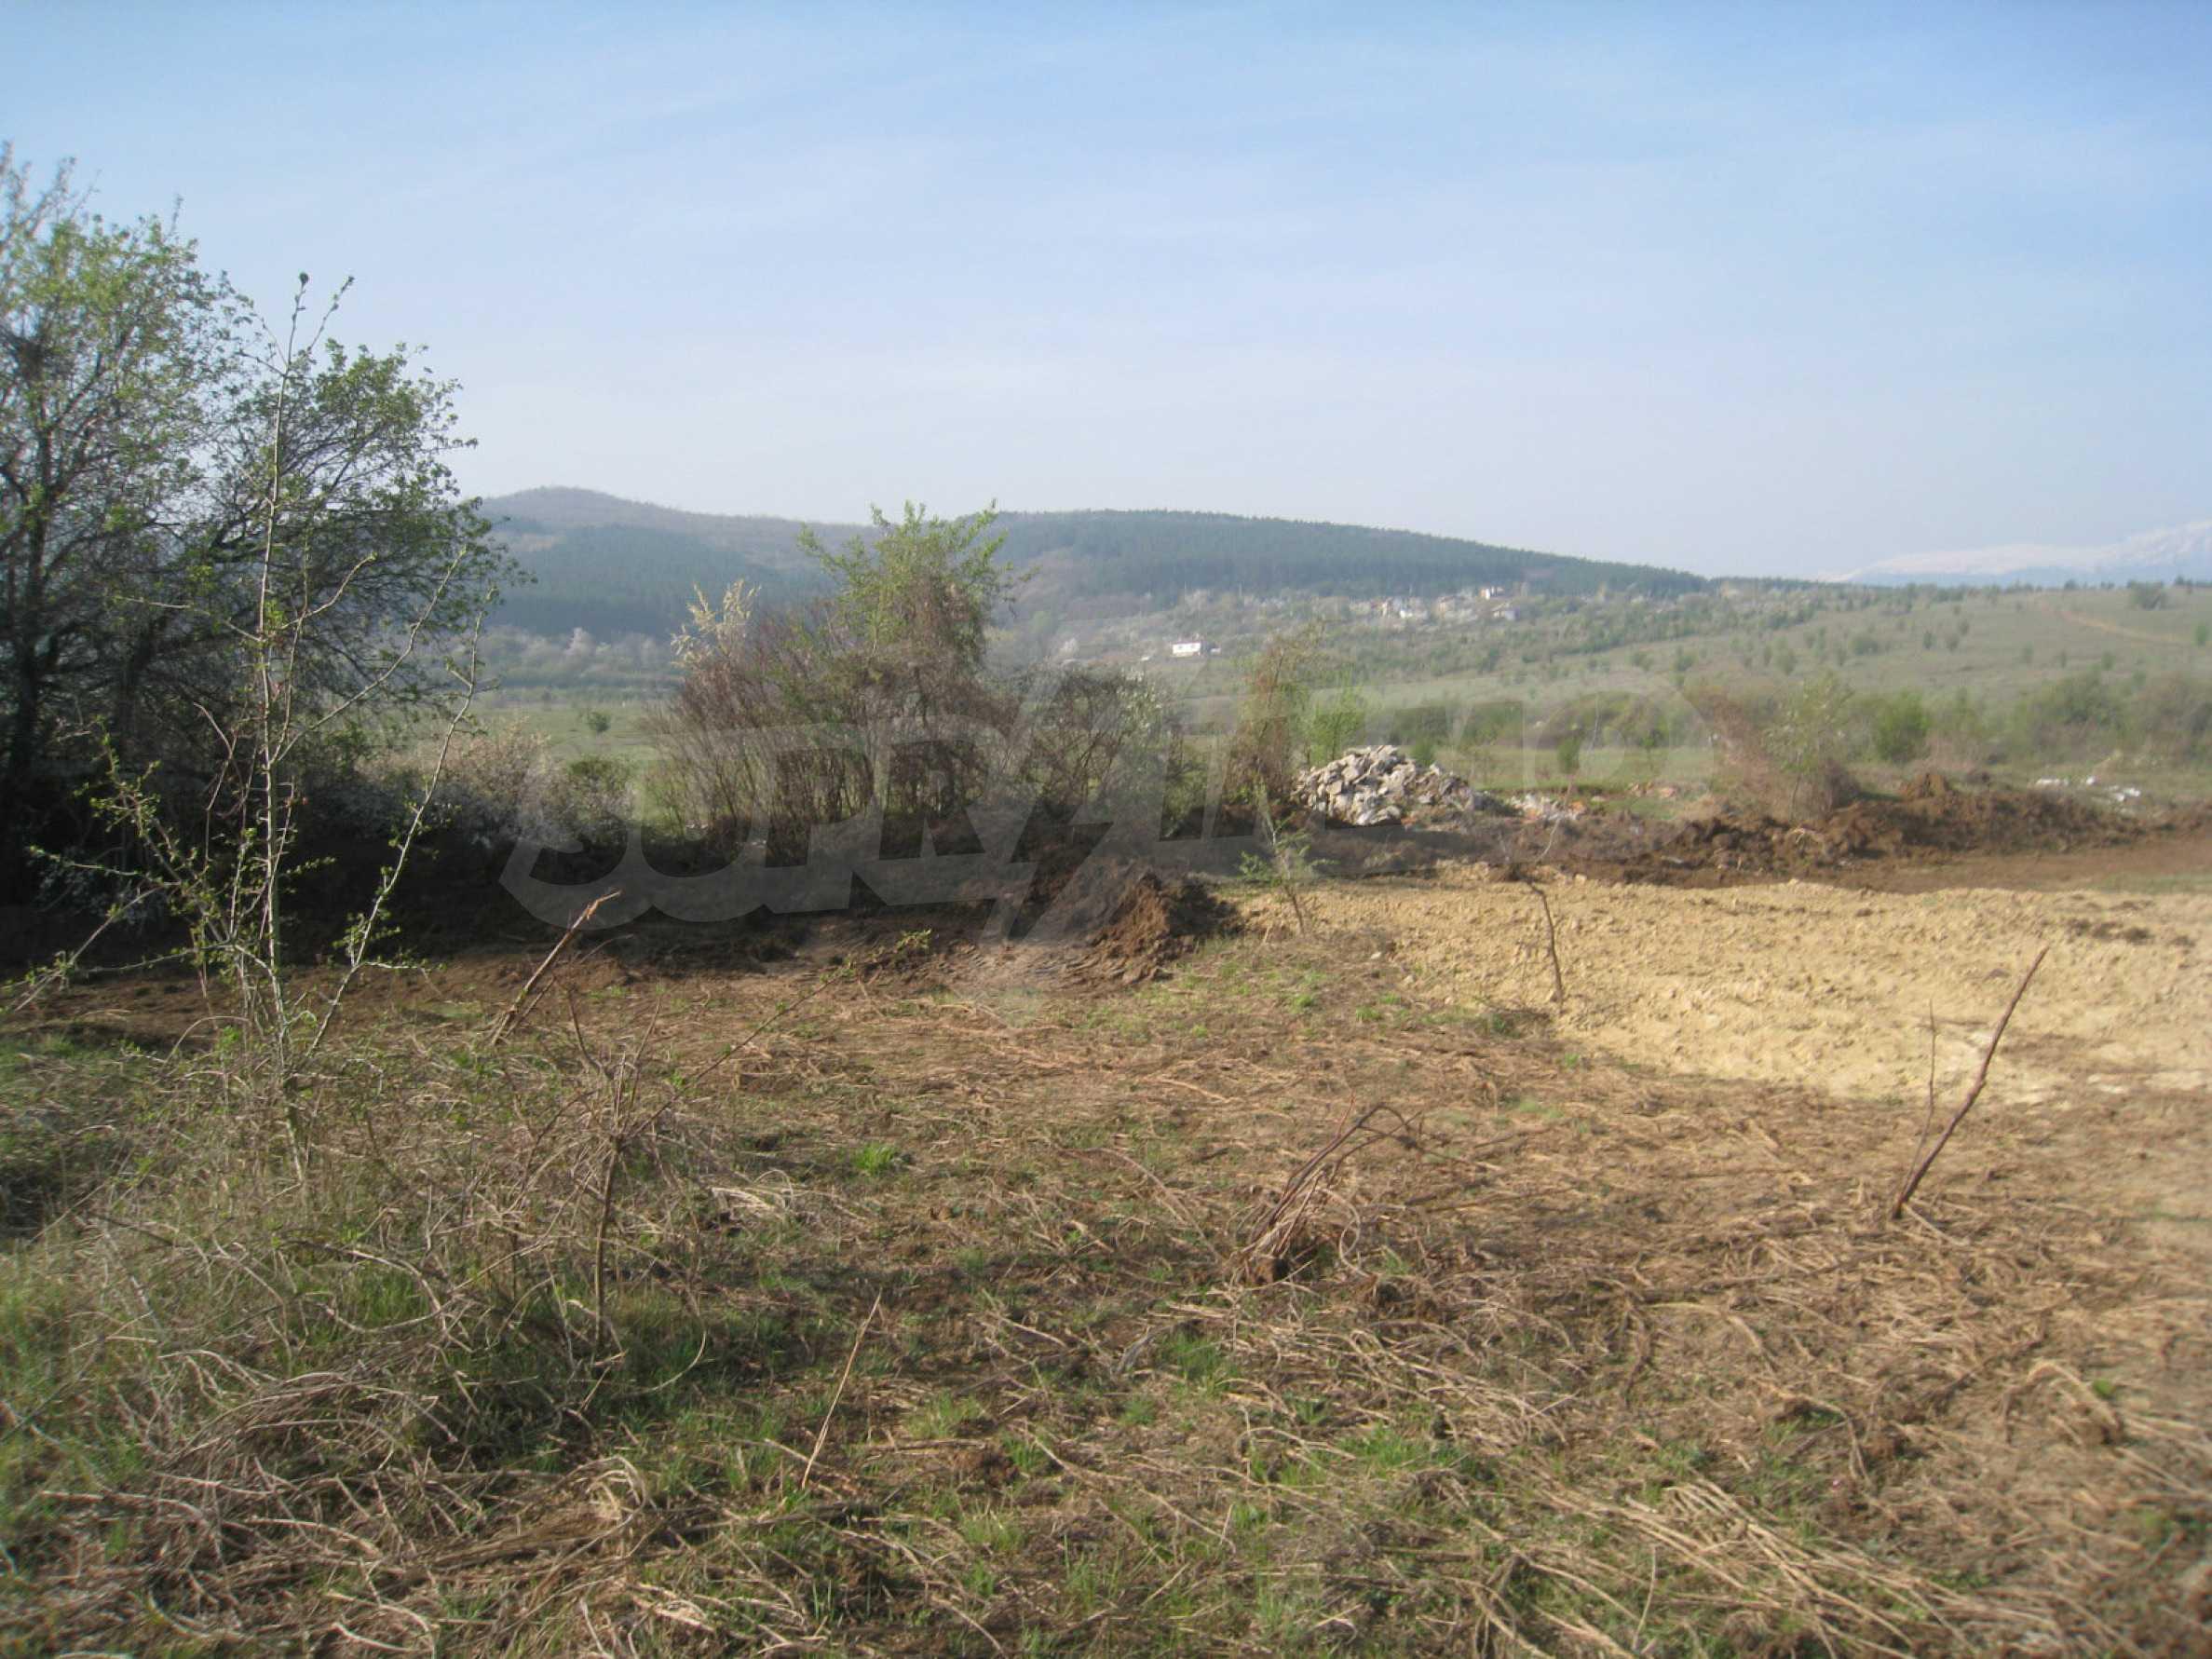 Investitionsgrundstück 2 km von der Sofia-Ringstraße entfernt 1